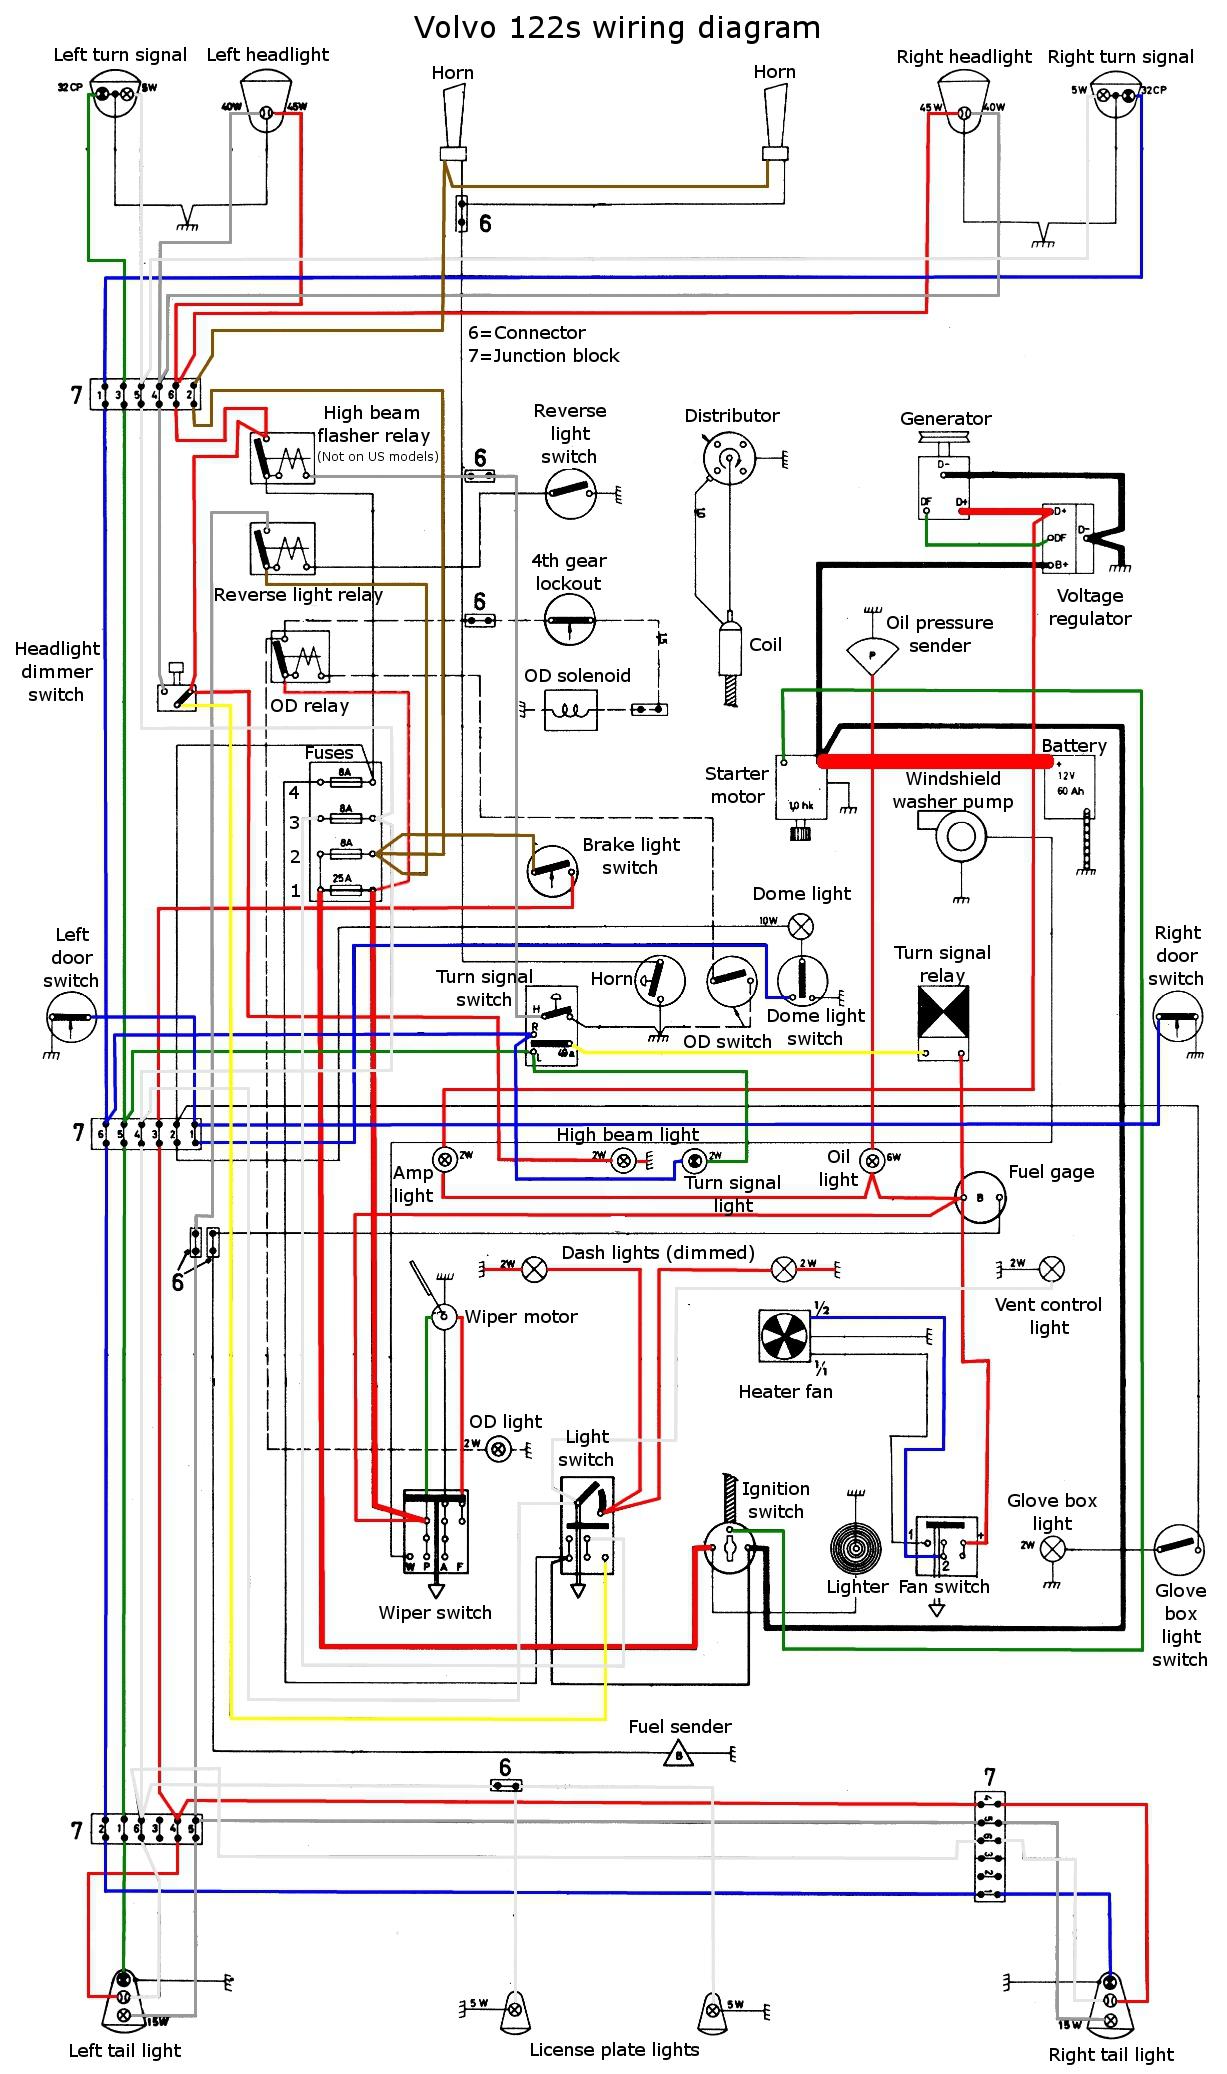 volvo s60 audio wiring diagram online wiring diagram 1999 Volvo S70 Wiring-Diagram volvo s60 engine spark wiring diagram online wiring diagram volvo s60 radio wiring diagram 2013 volvo